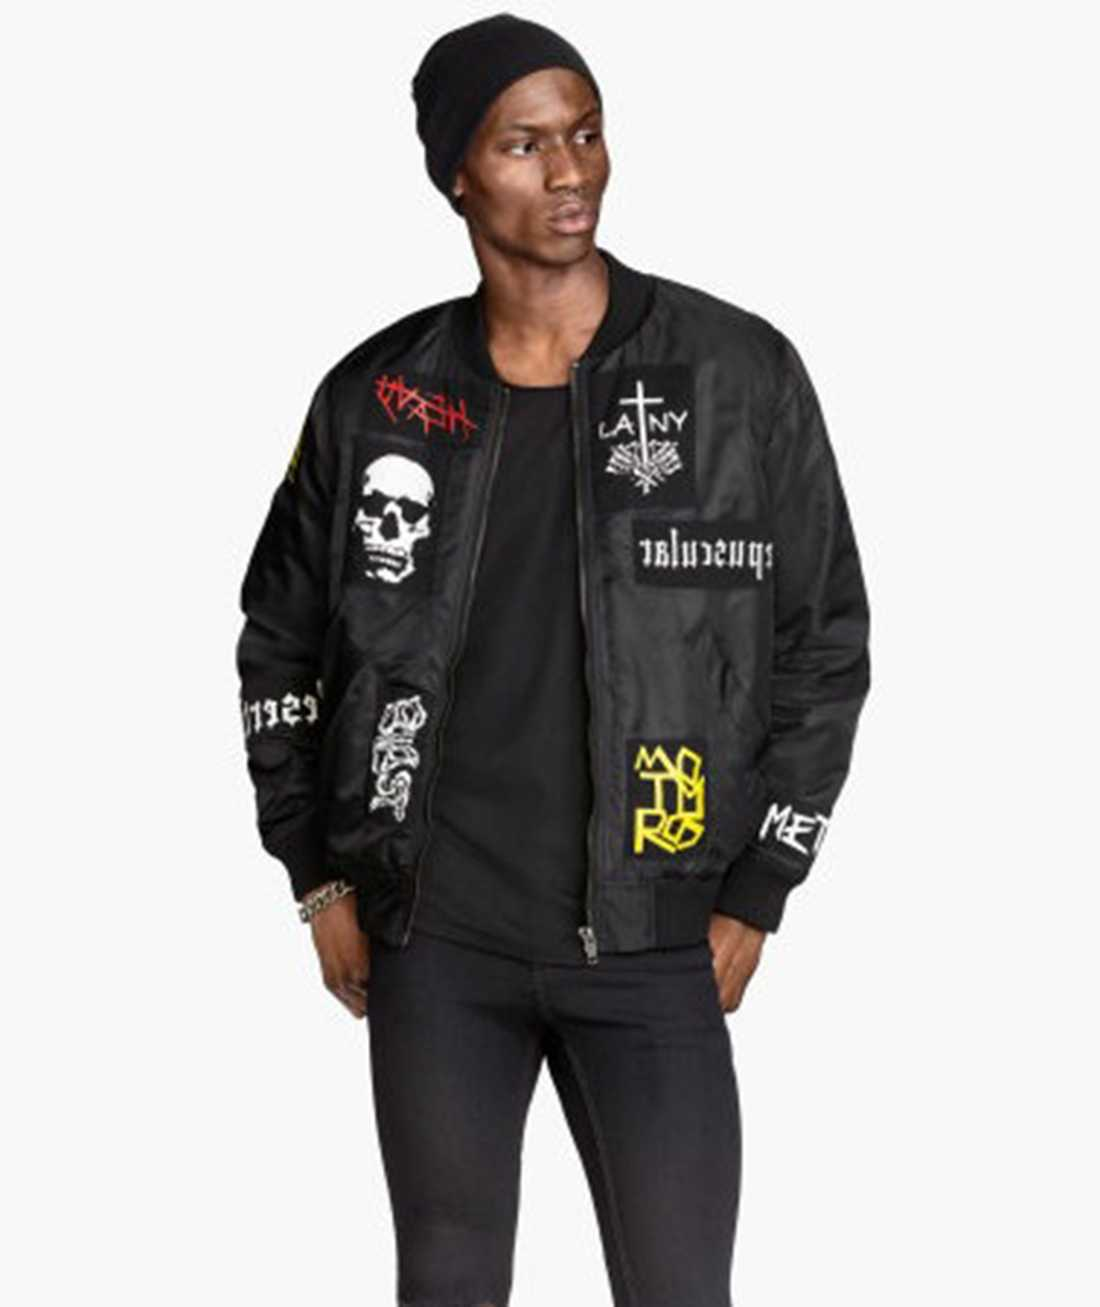 En H&M-jacka med loggor från ett antal band som inte existerat - förrän nu. Foto: H&M.